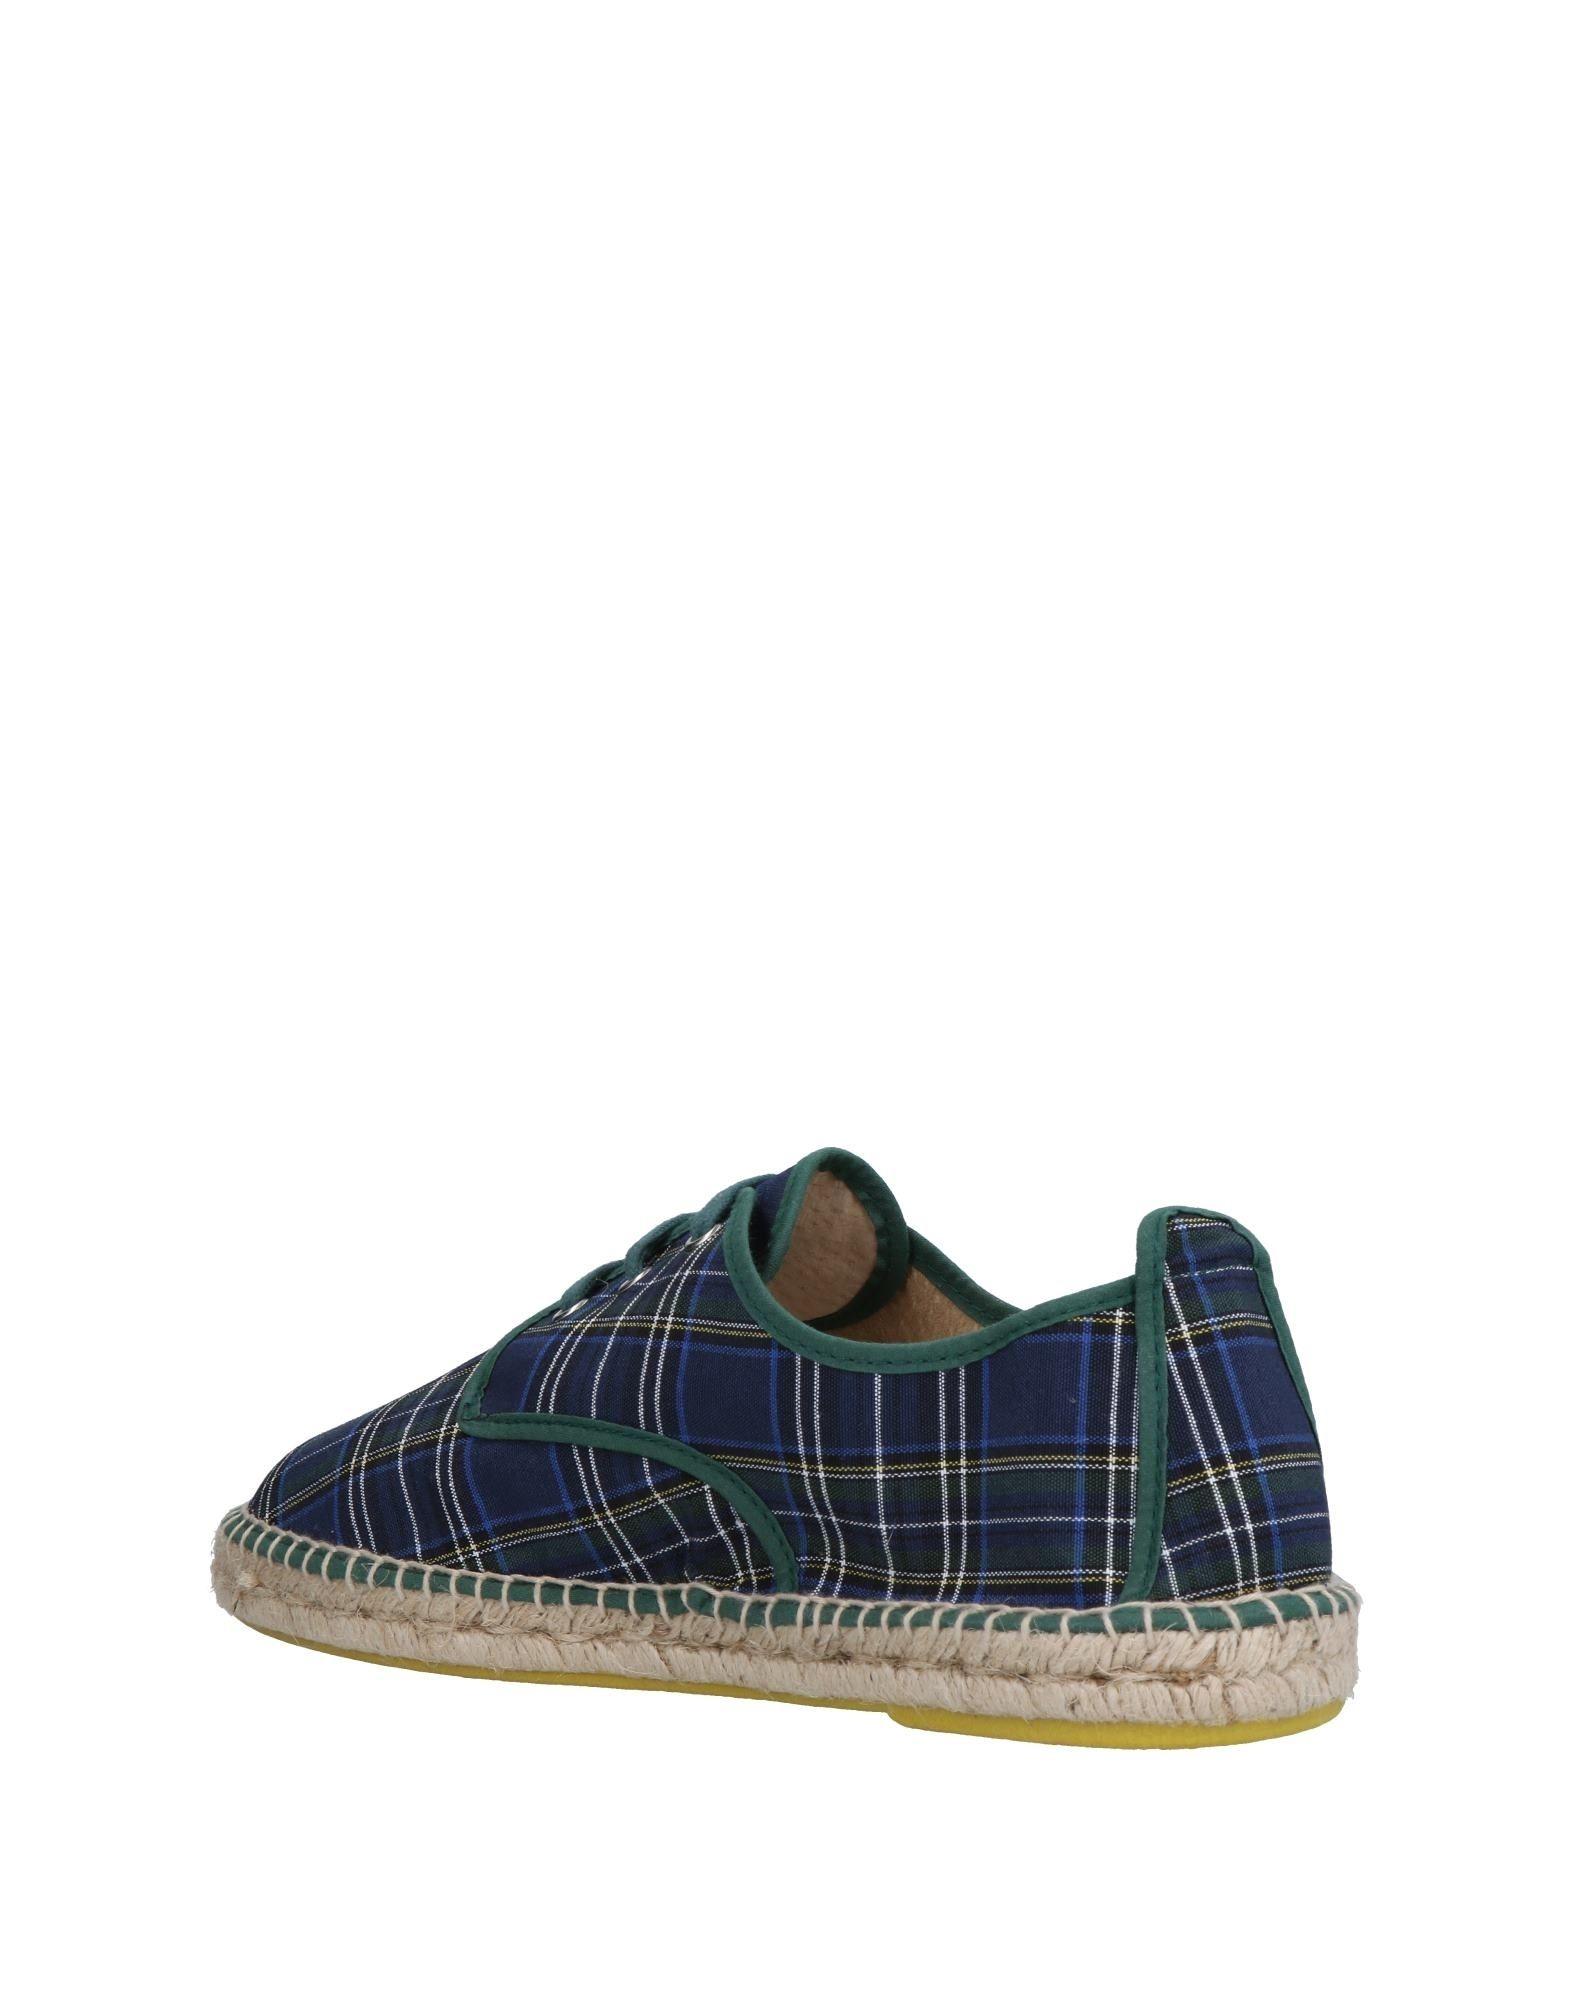 Cuplé Heiße Sneakers Herren  11431671IS Heiße Cuplé Schuhe 6cddce